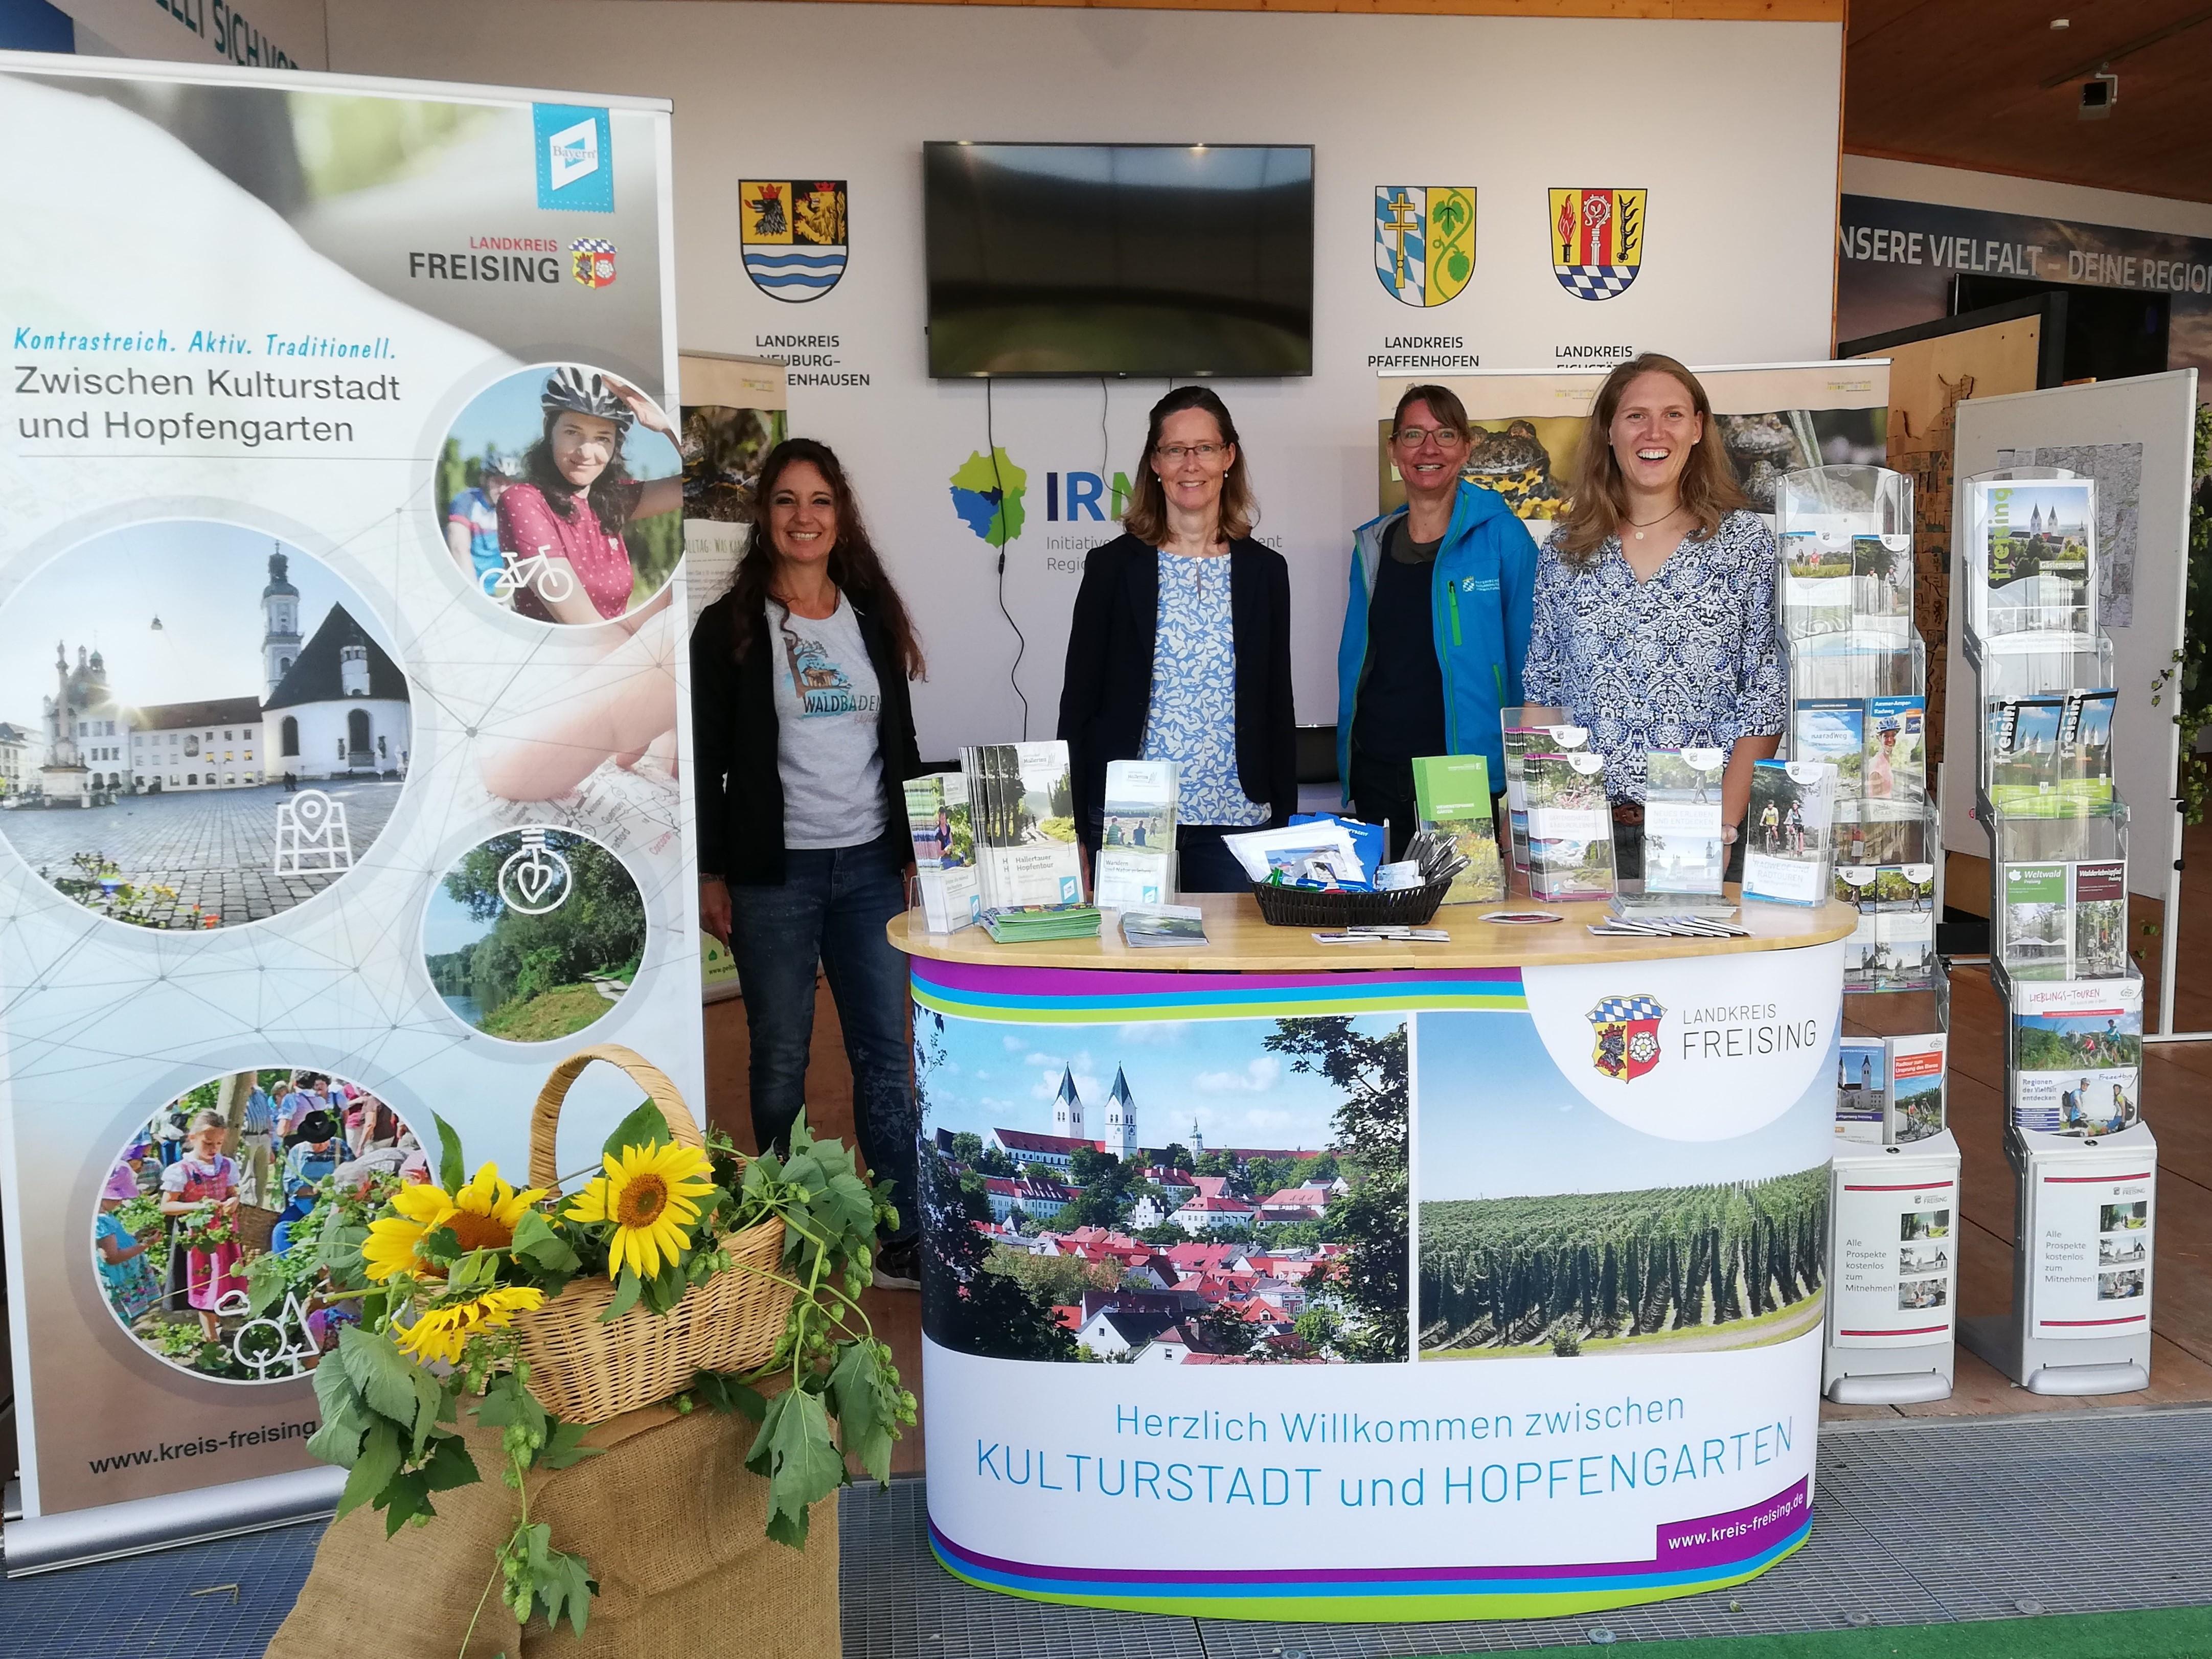 Tourismusreferat Landkreis Freising und Partner auf der Landesgartenschau Ingolstadt